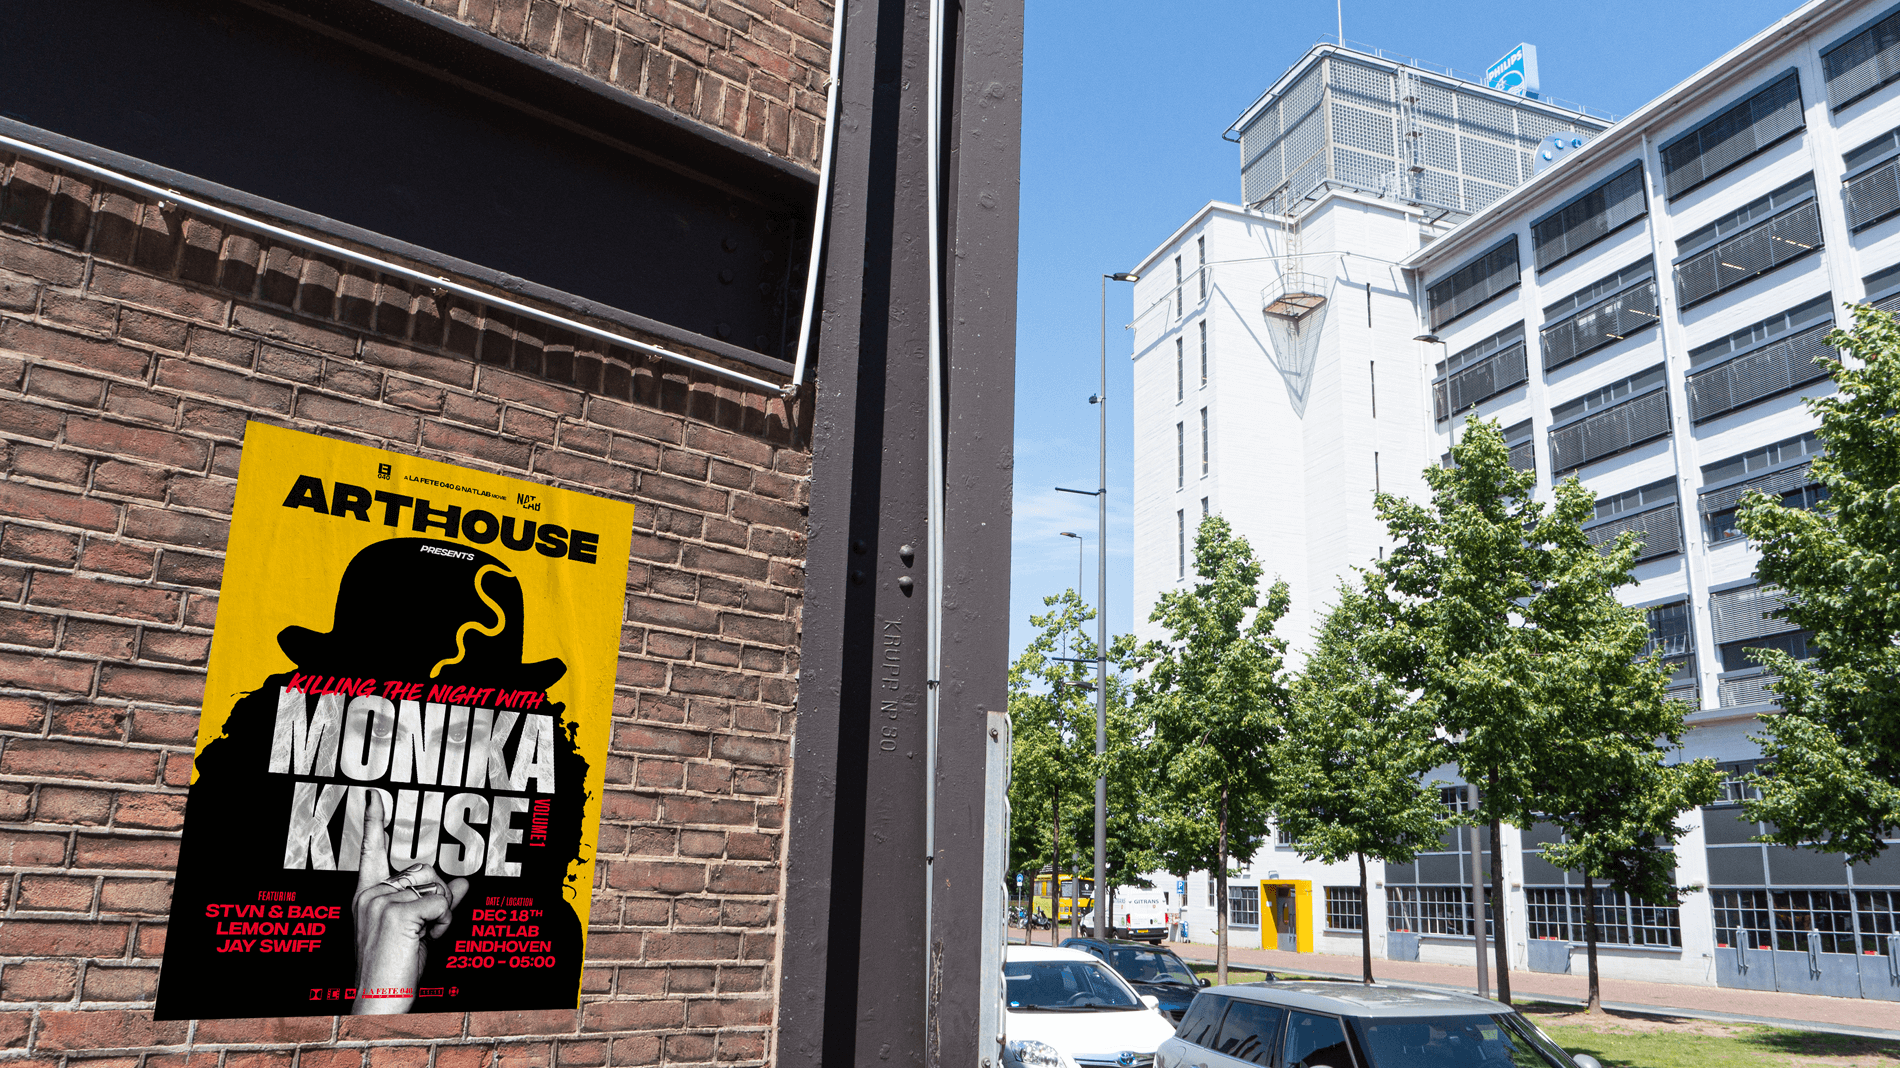 Arthouse-Posters-MONIKA-KRUSE